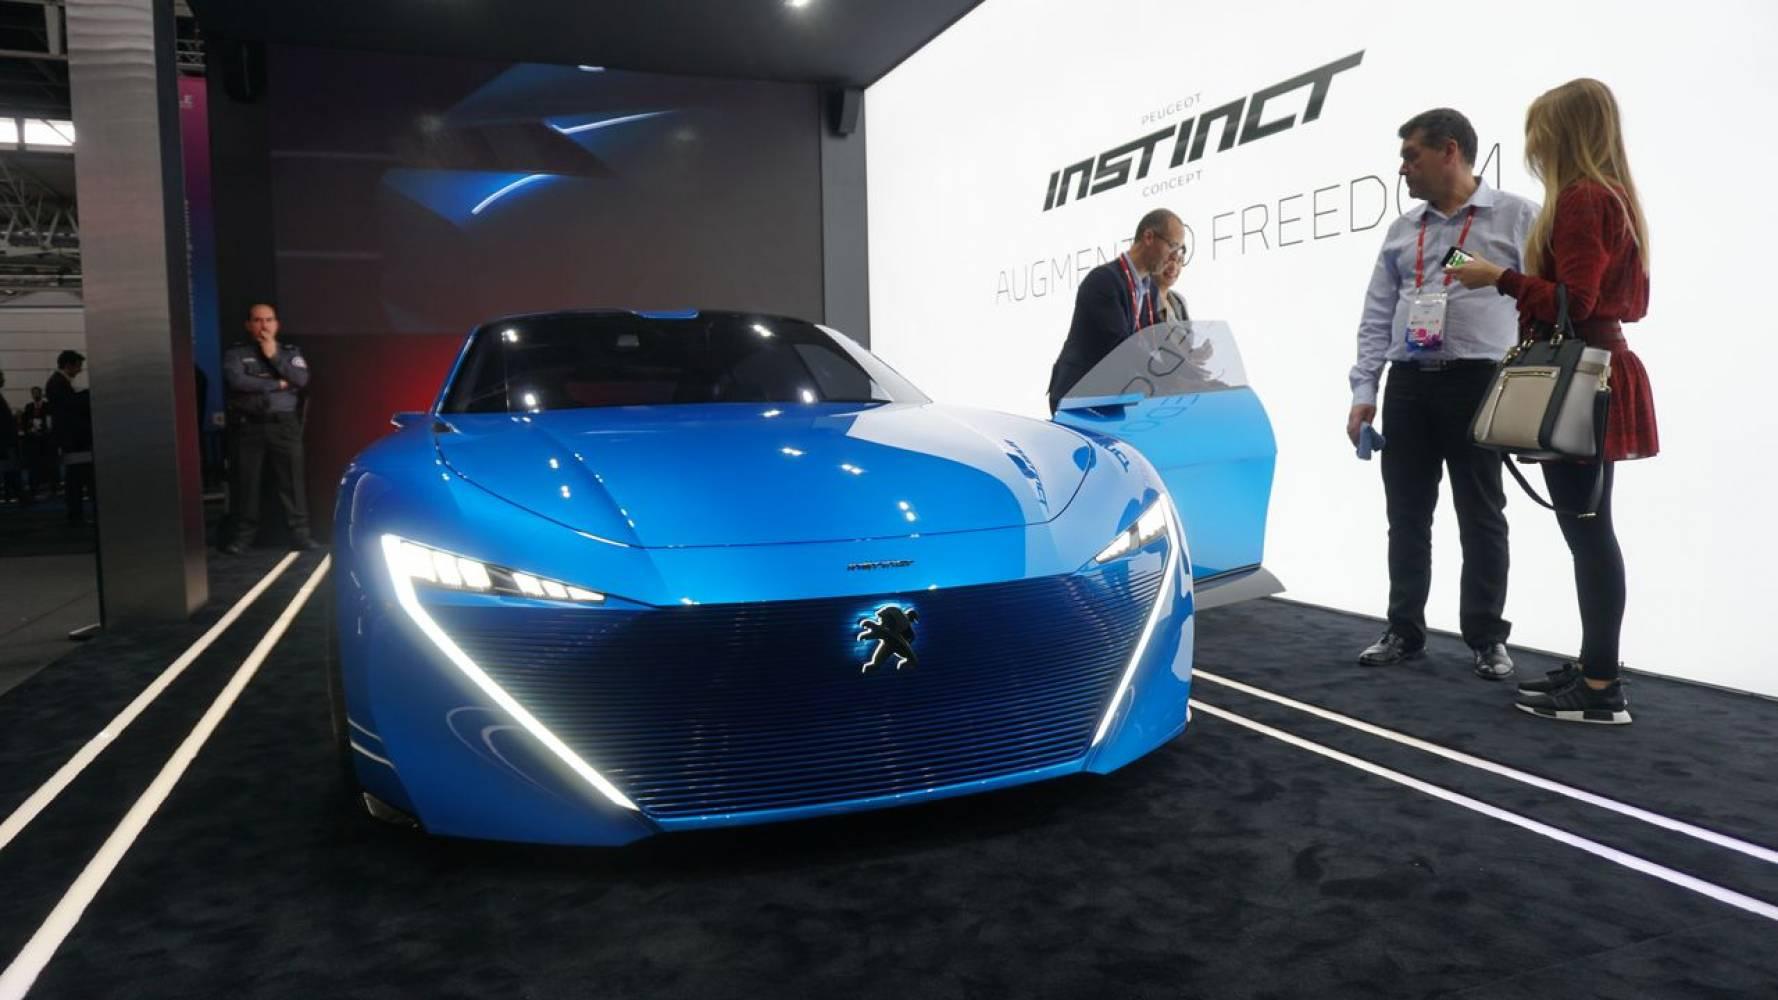 MWC 2017: Peugeot Instinct е поглед към близкото бъдещете на автономните автомобили